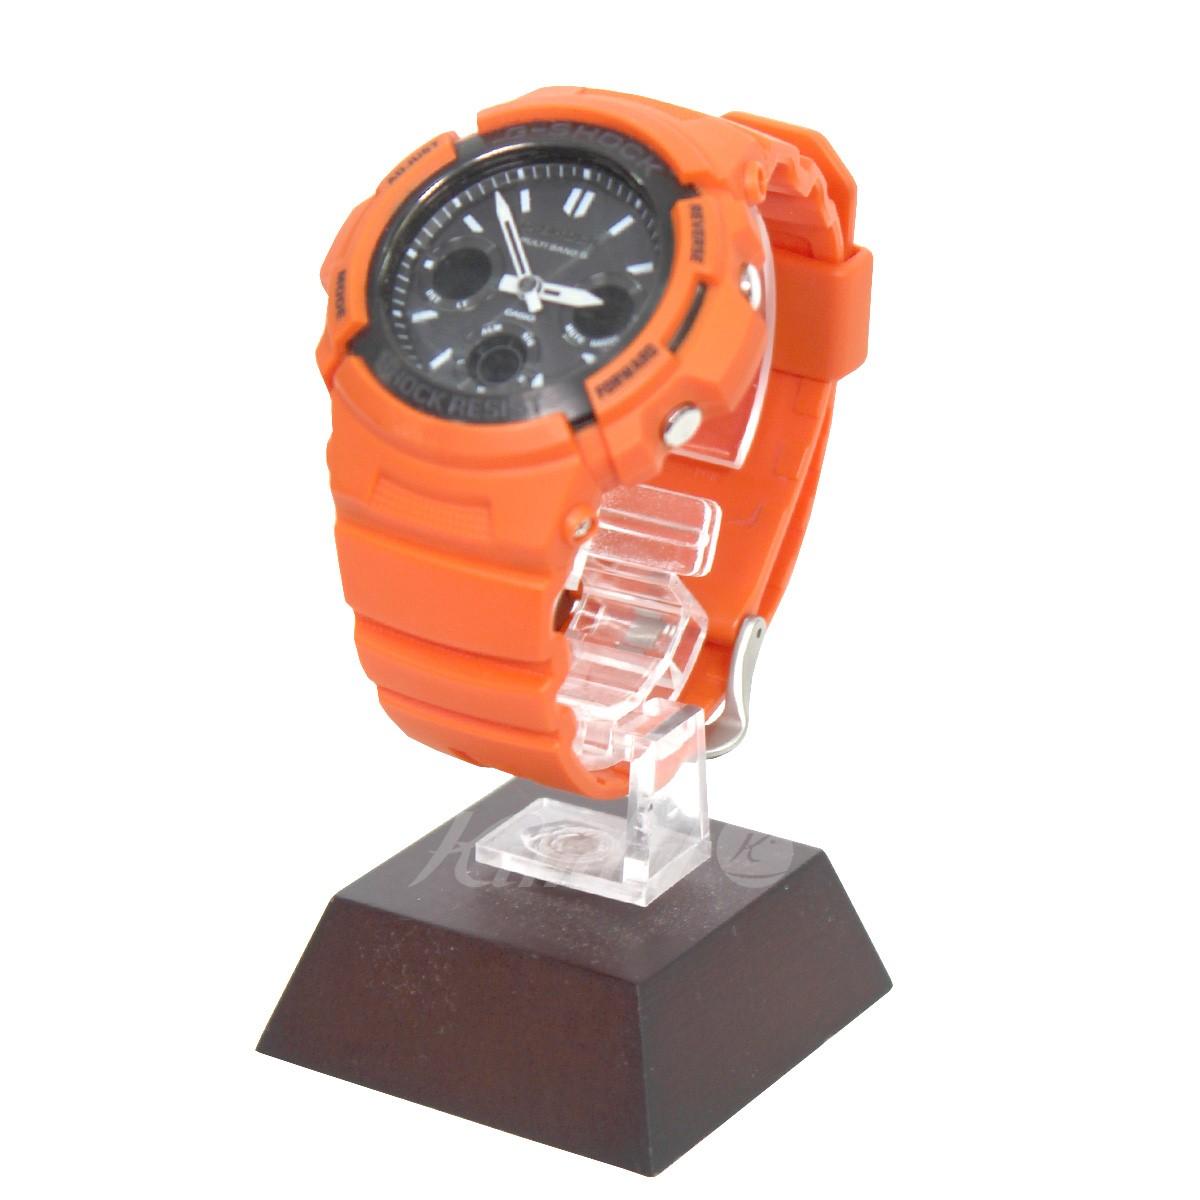 【中古】CASIO G-SHOCK AWG-M100MR-4AJF 腕時計 レスキューオレンジ サイズ:- 【送料無料】 【170419】(カシオ)